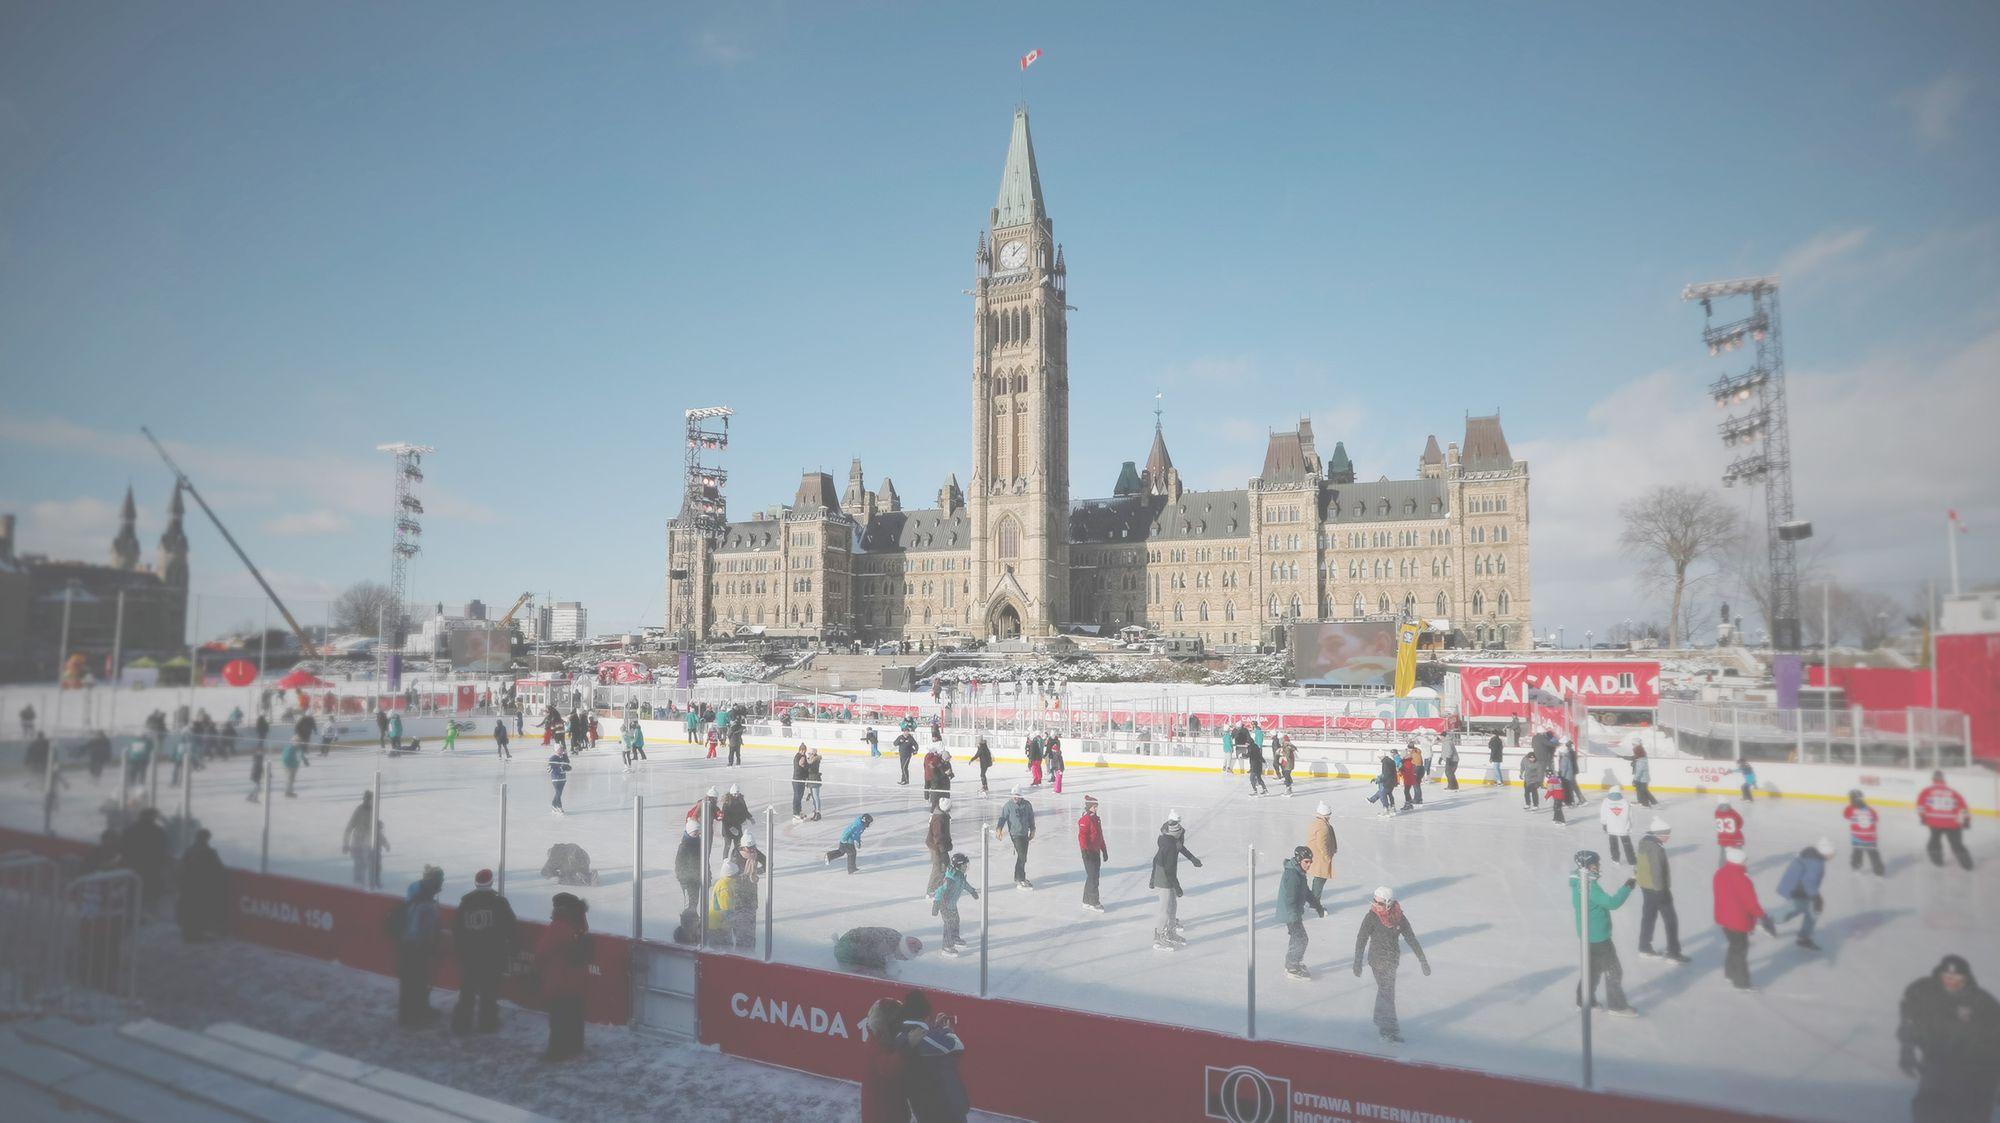 Canada150 Facebook link